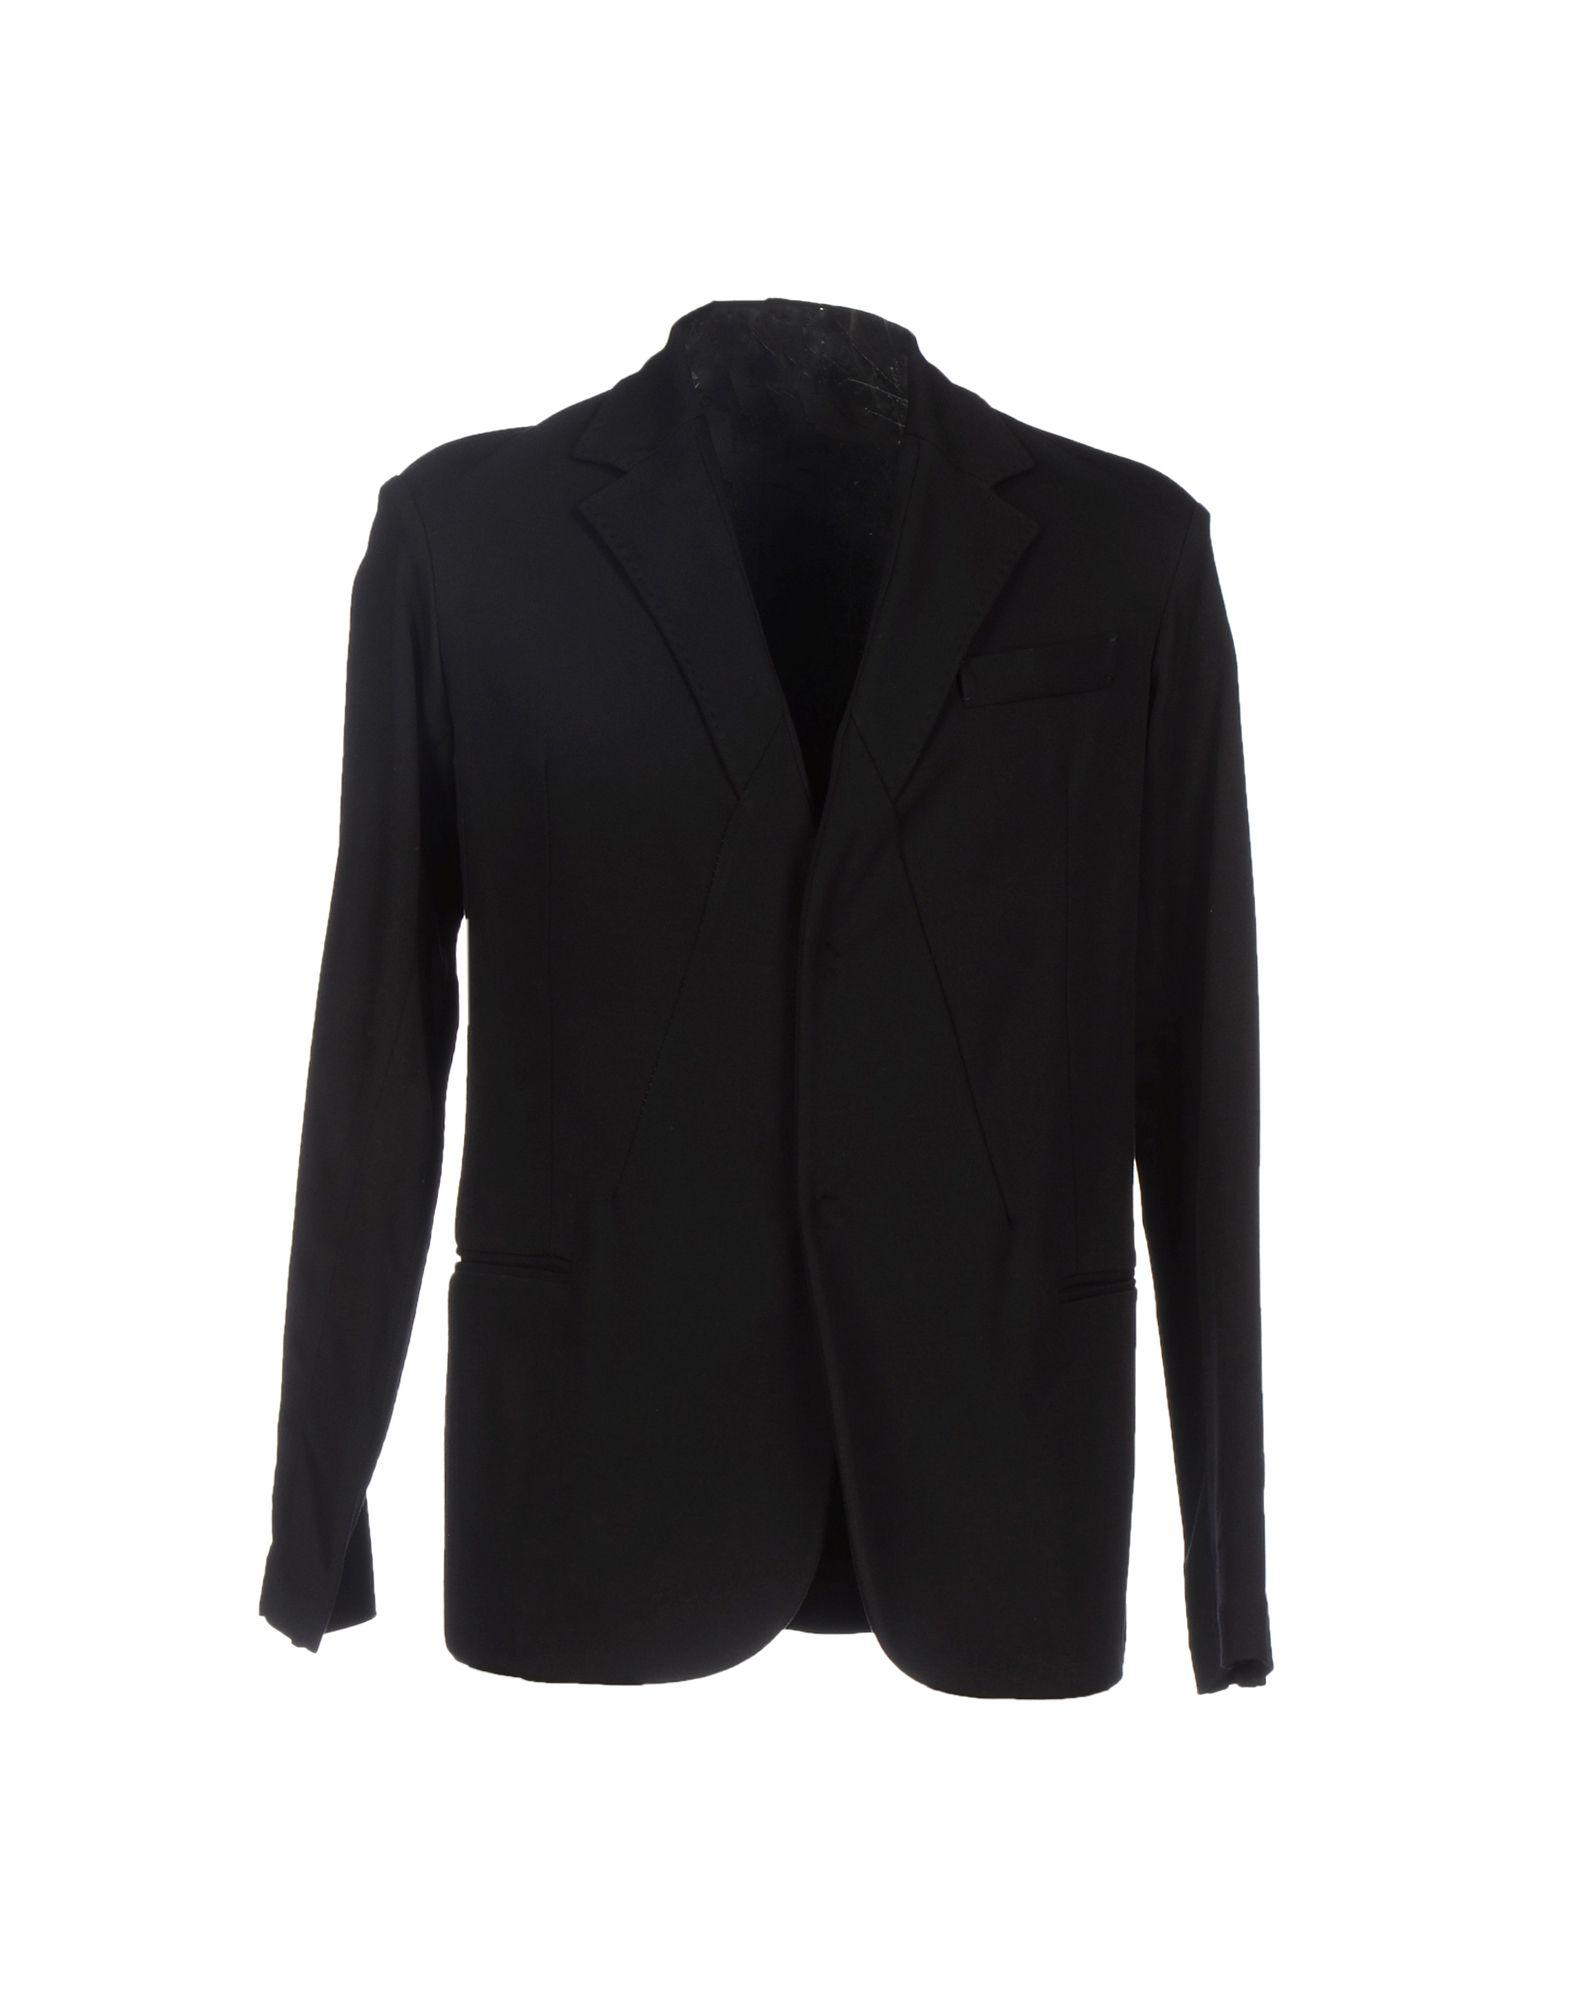 GIOVANNI CAVAGNA Blazer in Black